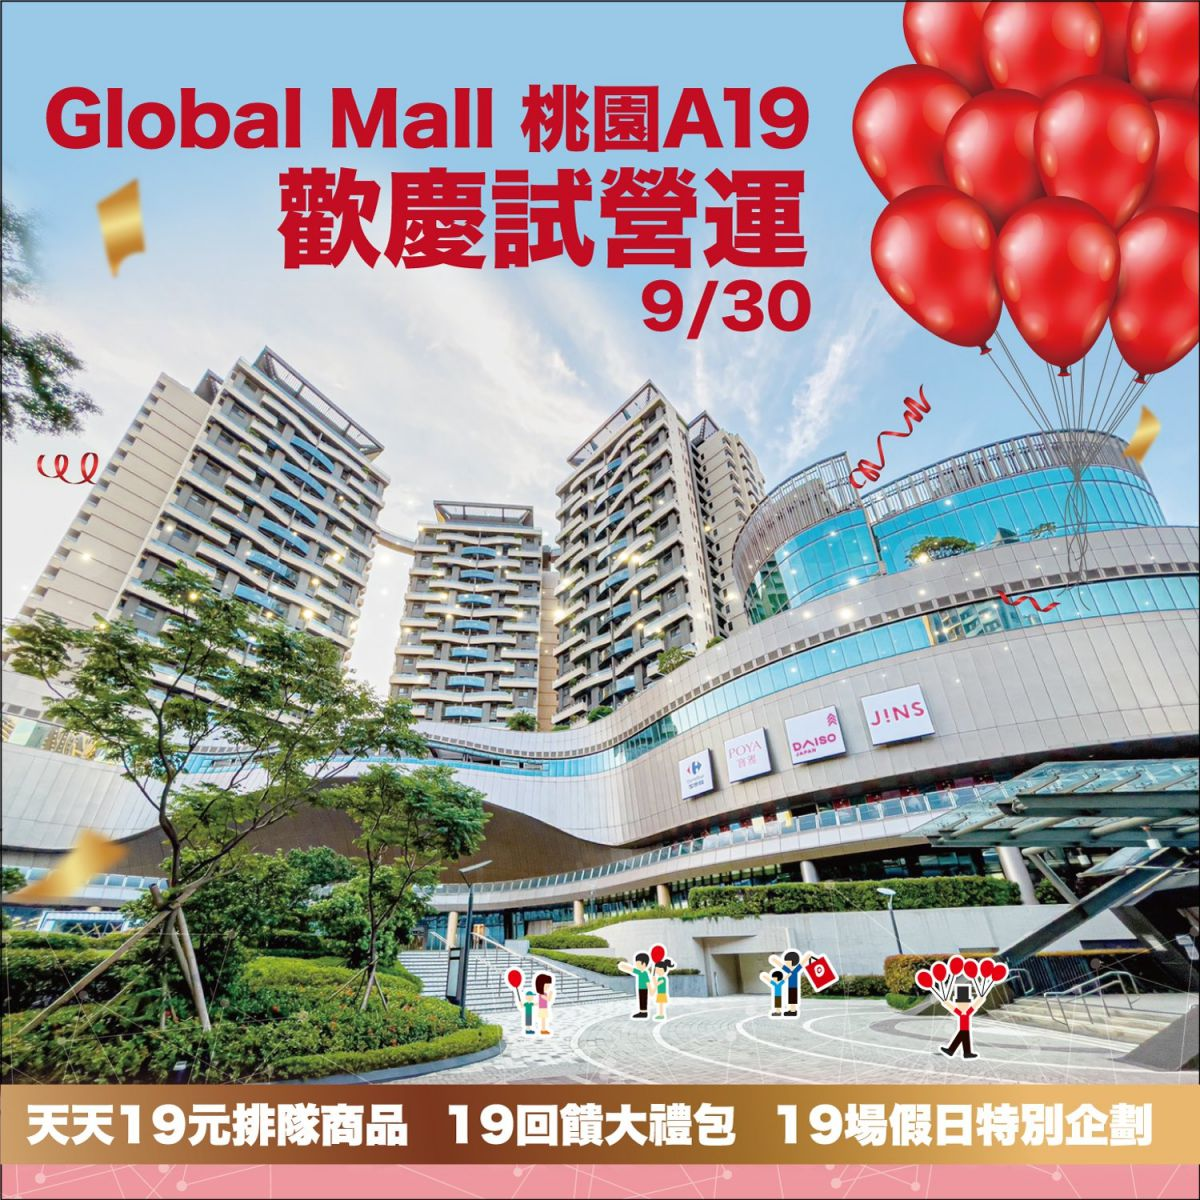 開逛啦!Global Mall桃園A19宣布試營運,先逛三麗鷗玻璃屋、百貨最大攀岩館